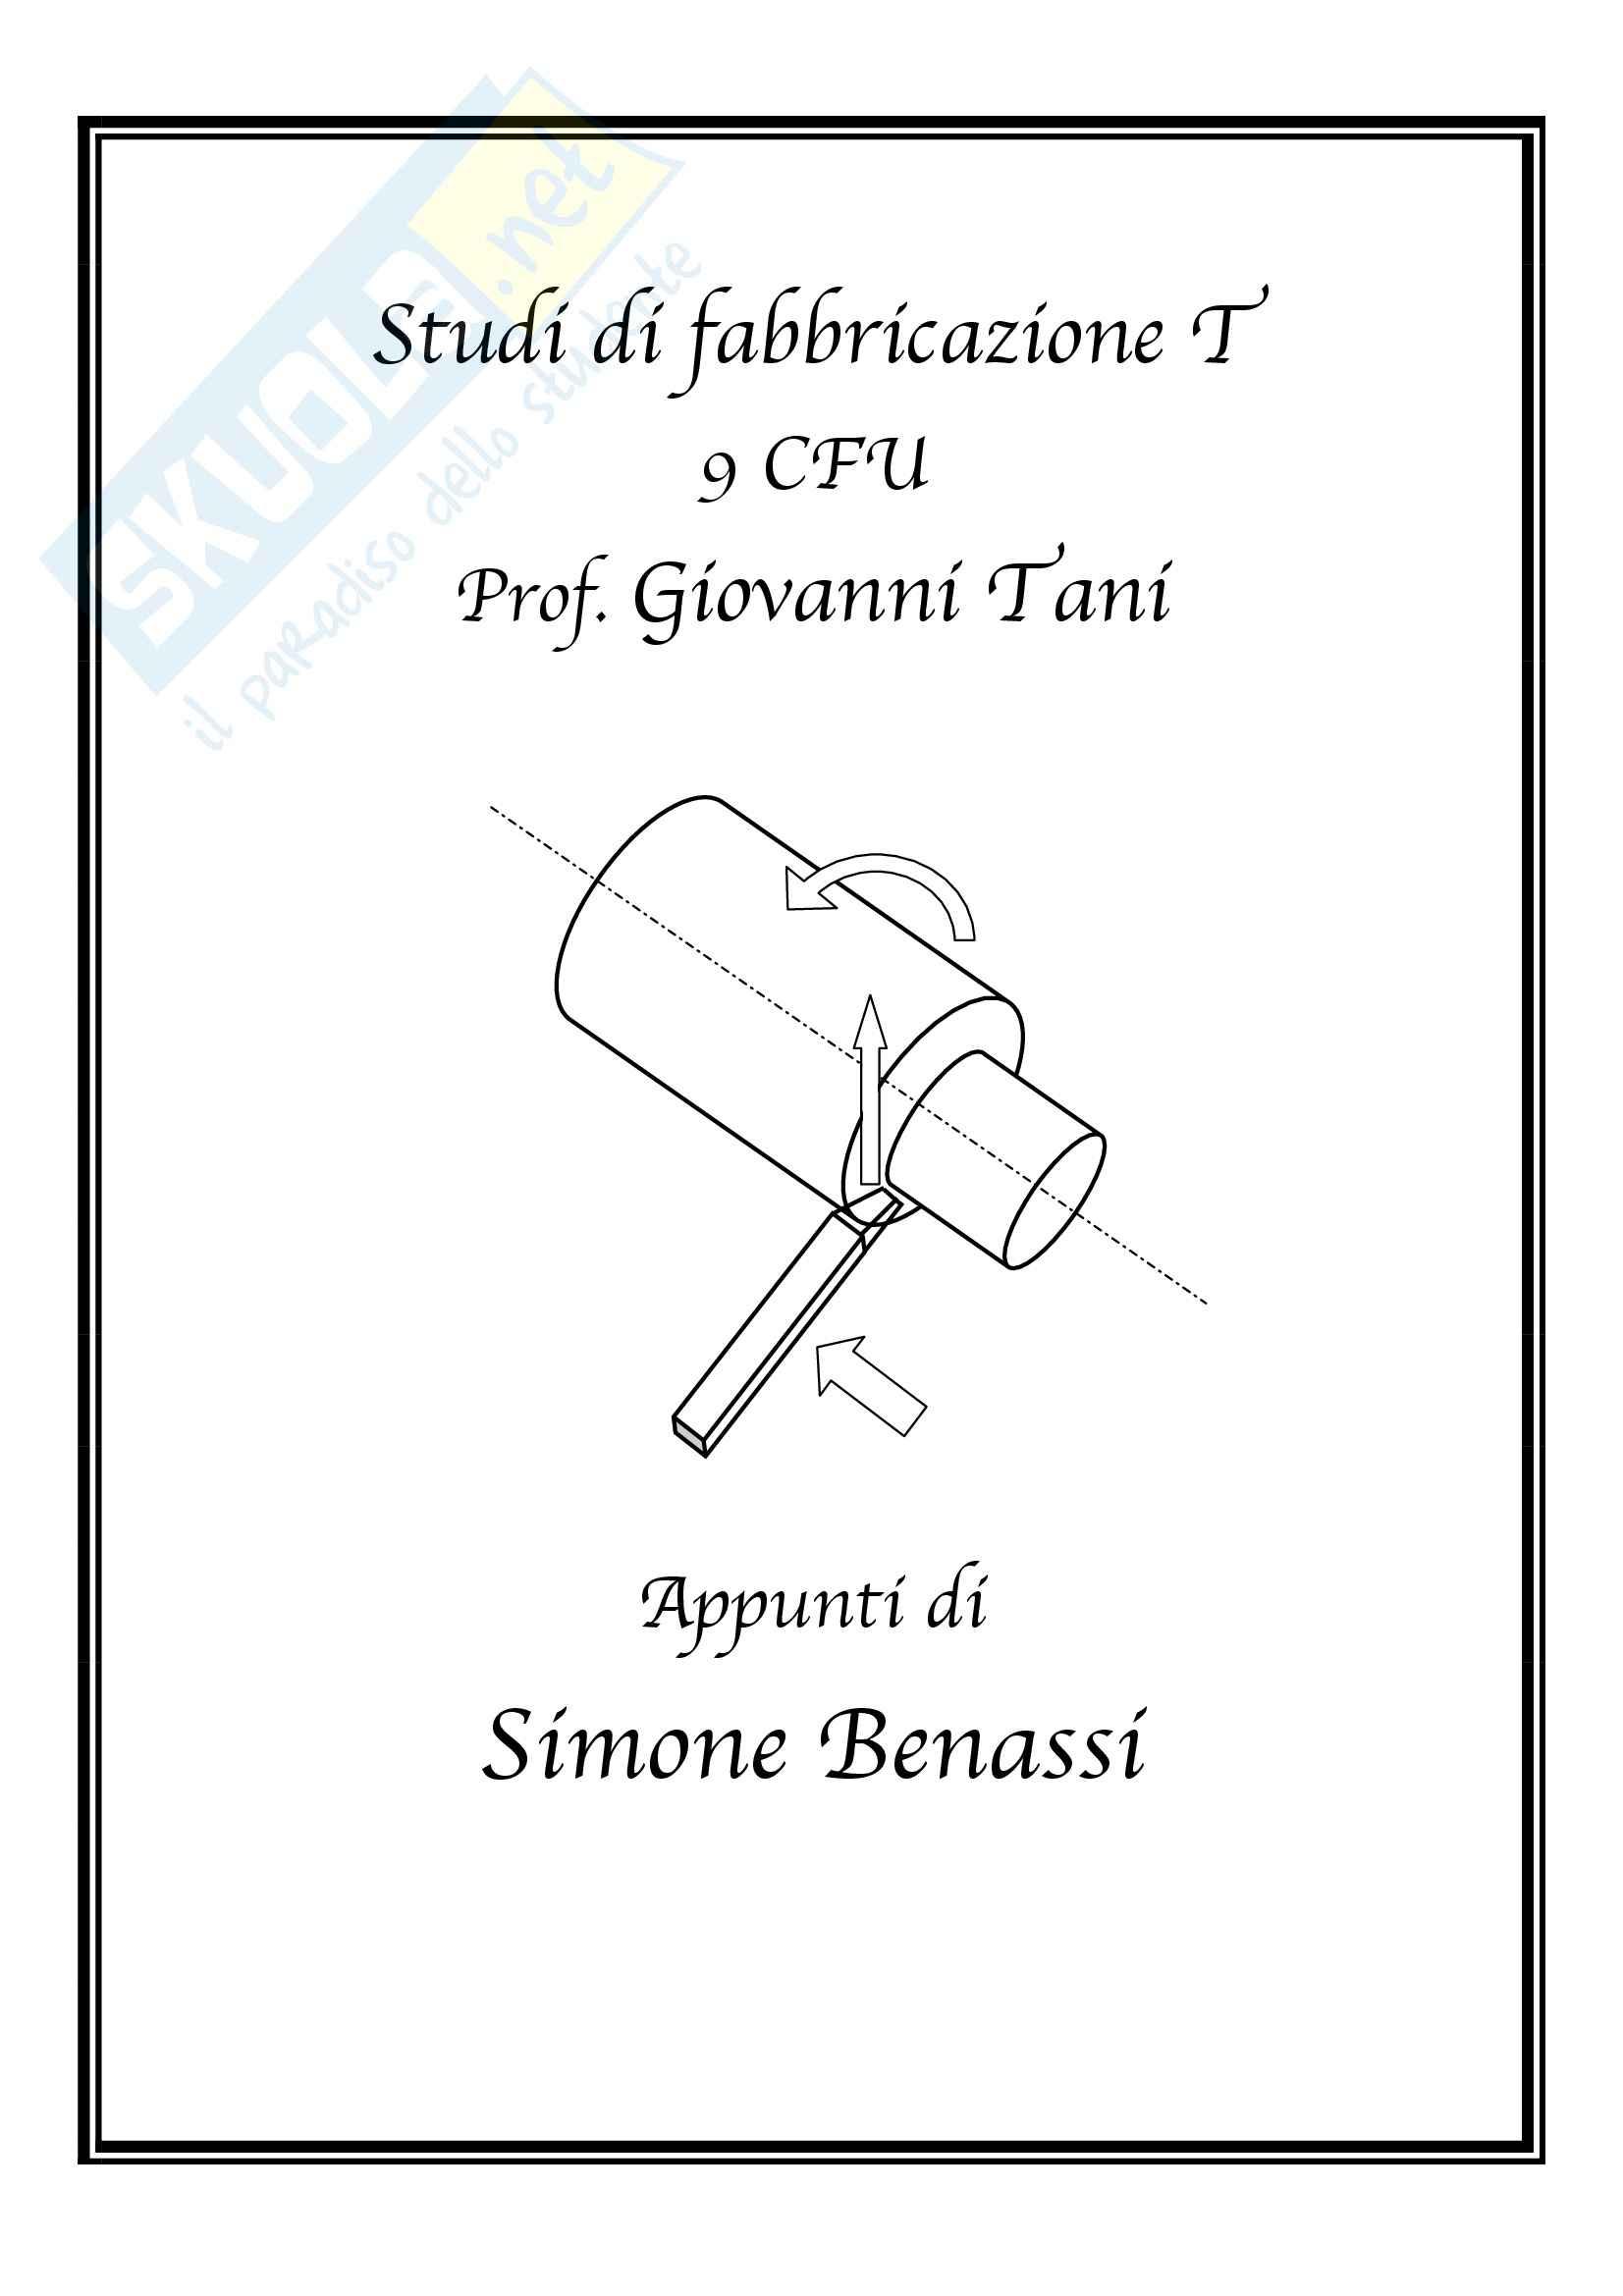 Studi di fabbricazione T-1 - Appunti